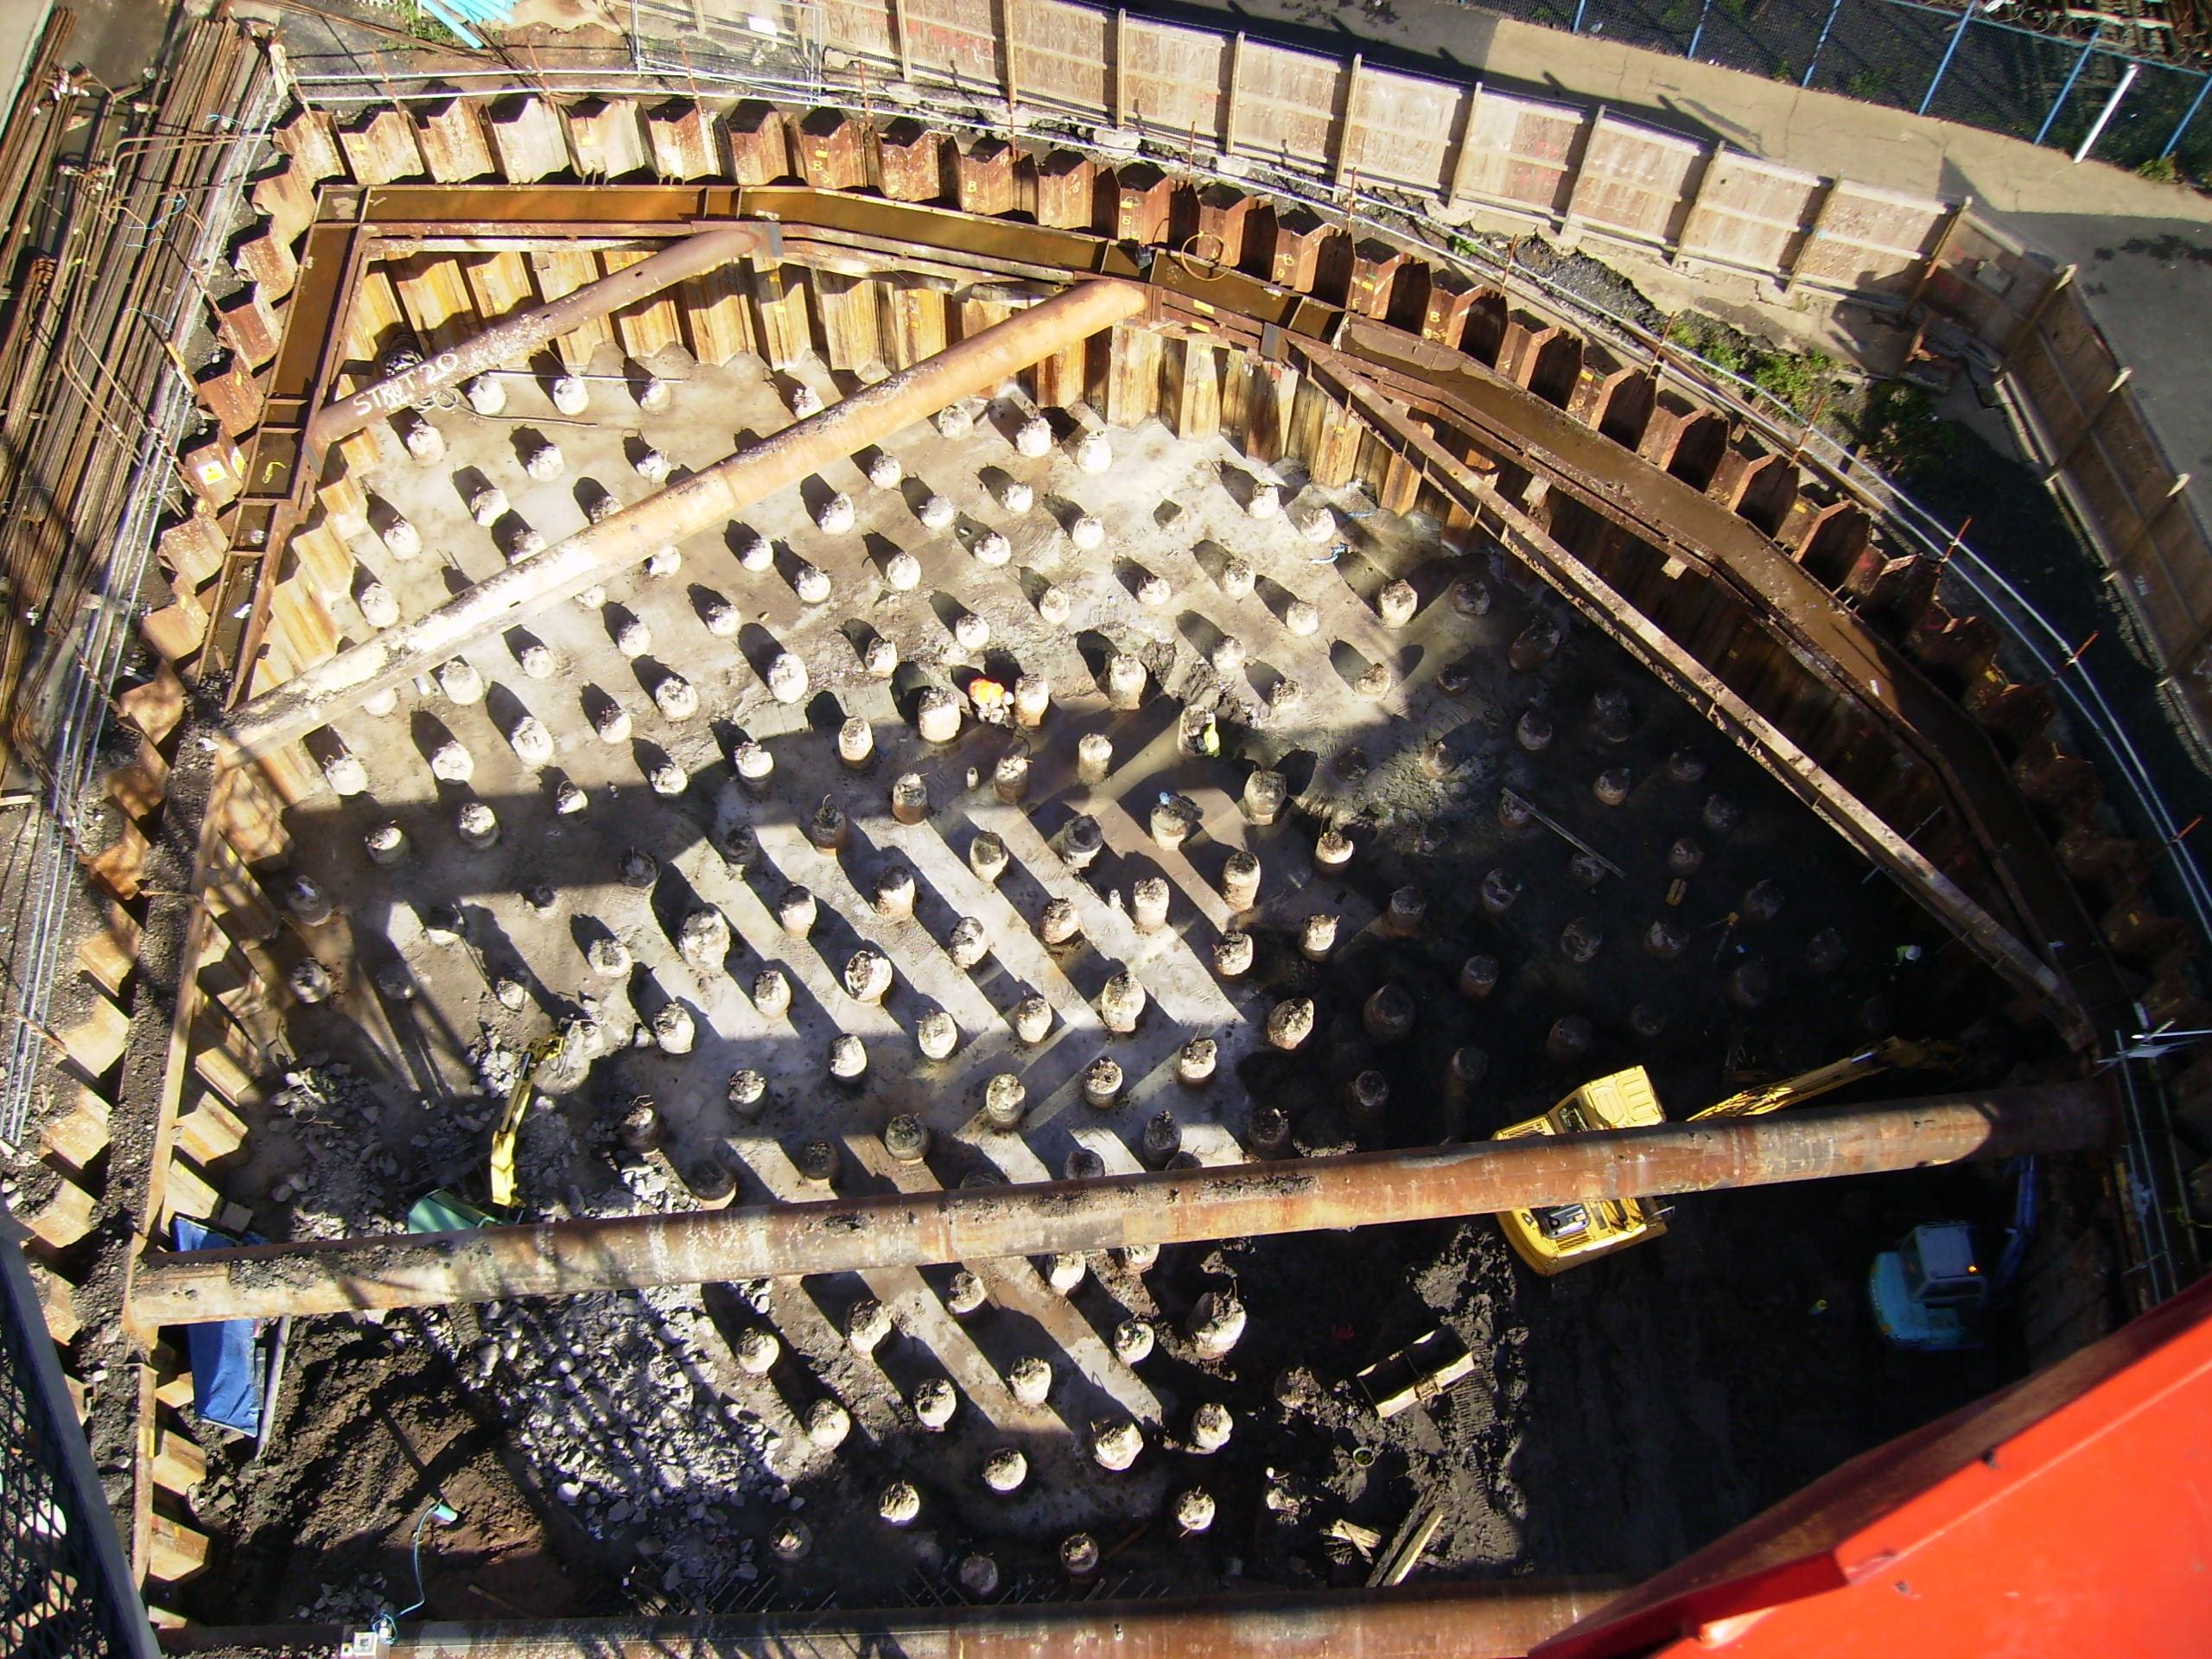 Sheet Pile Basement - Donegal Quay